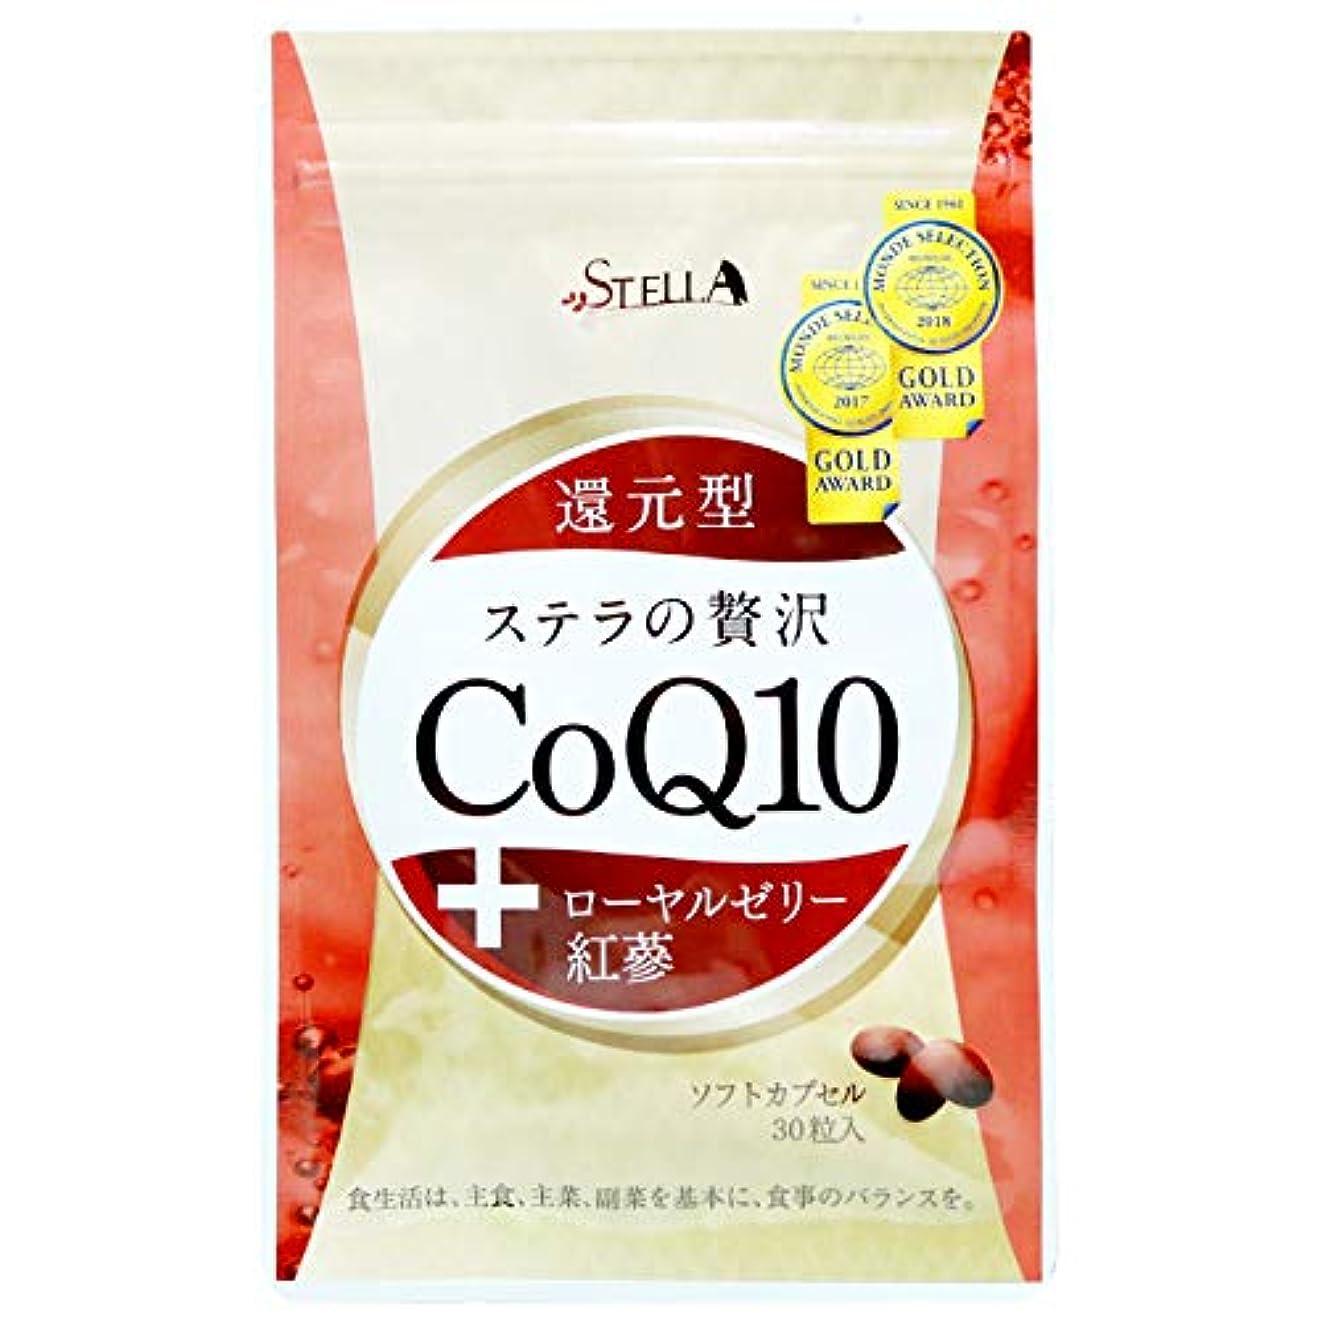 レシピ方程式一ネイリッチ 30日分【栄養機能食品(亜鉛?ビオチン?β-カロテン)】